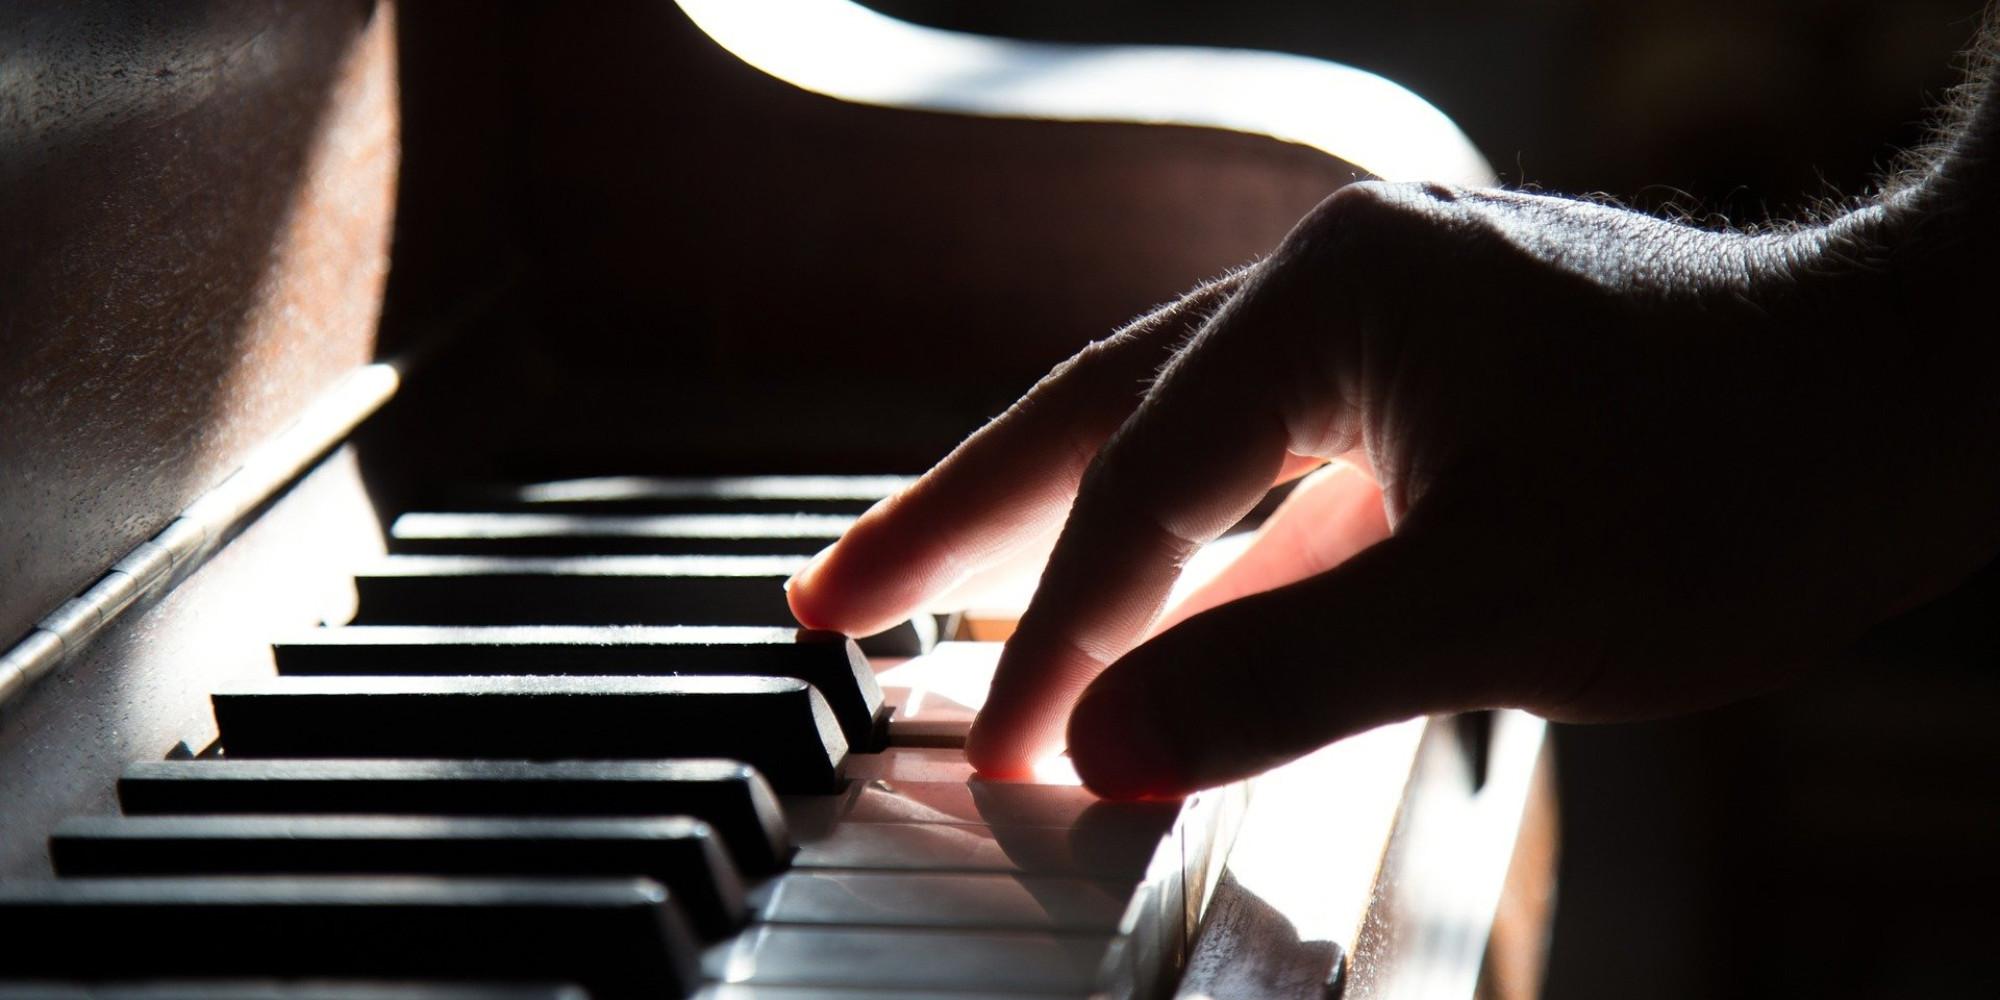 Une pianiste anglaise rencontre le succès... en se faisant passer pour un homme - Europe 1